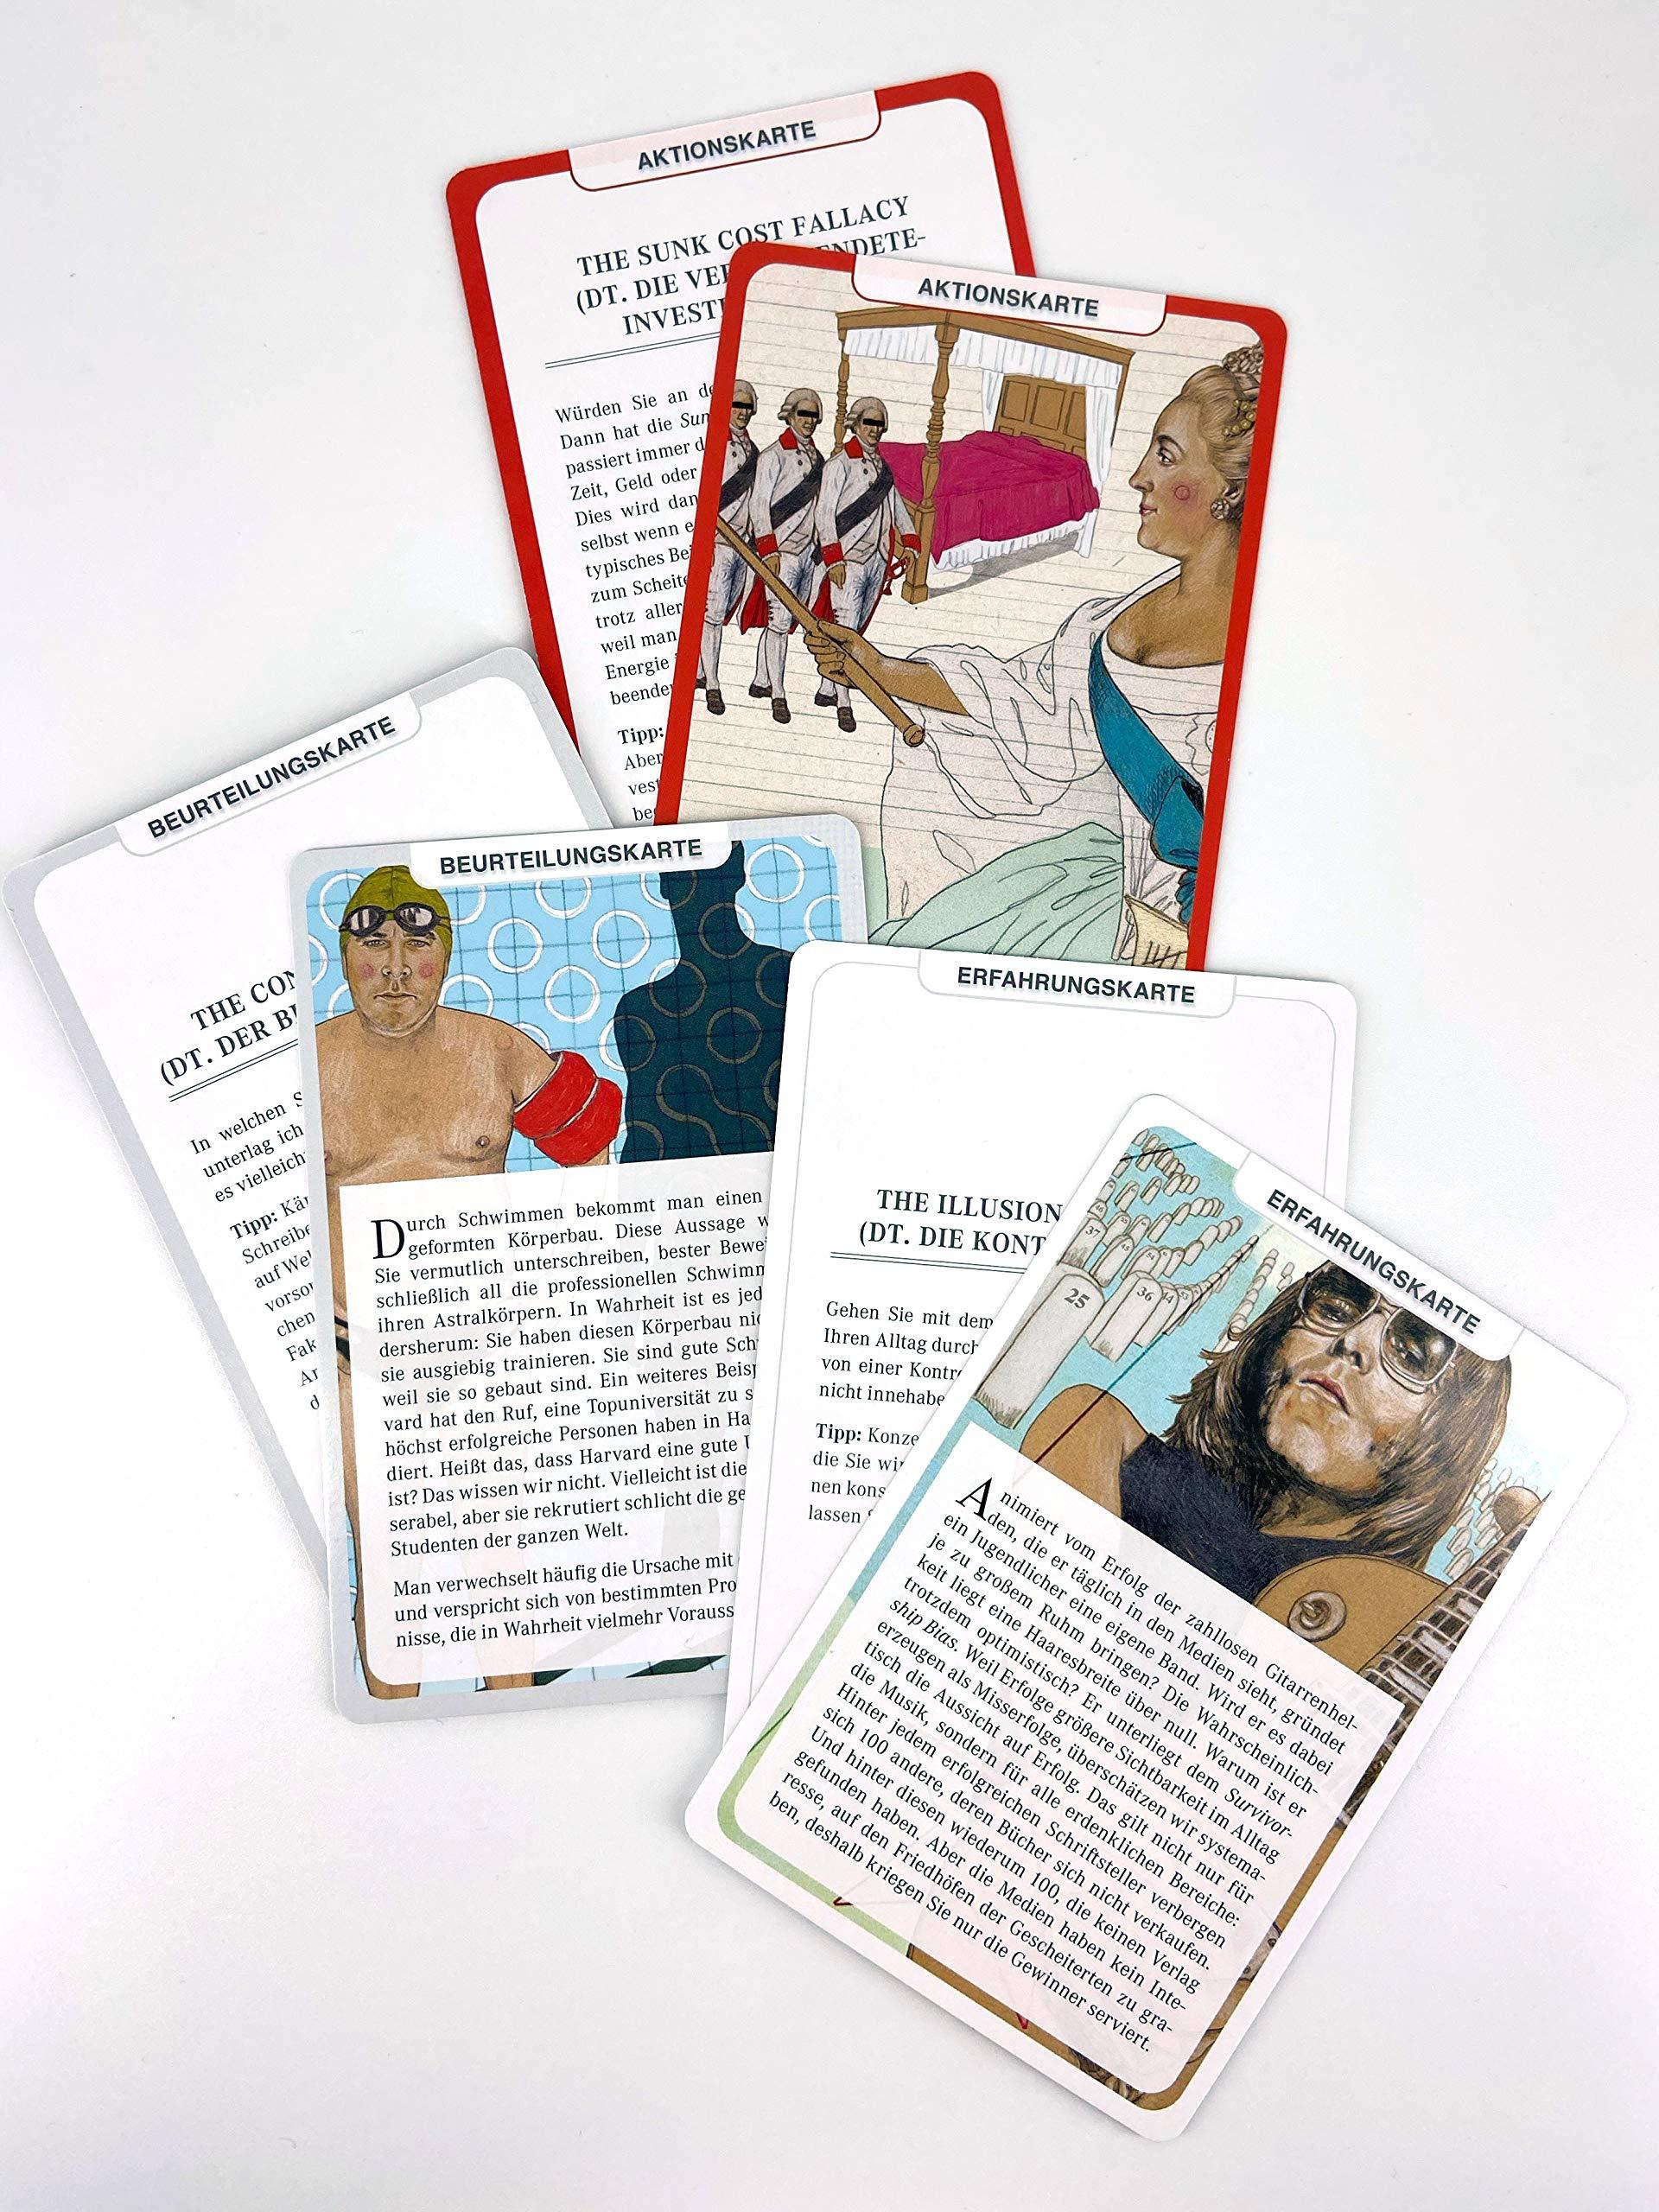 Die Kunst Des Klaren Denkens Das Kartenspiel Mit Dem Sie Denkfehler Erkennen Und Vermeiden Dobelli Rolf Bücher